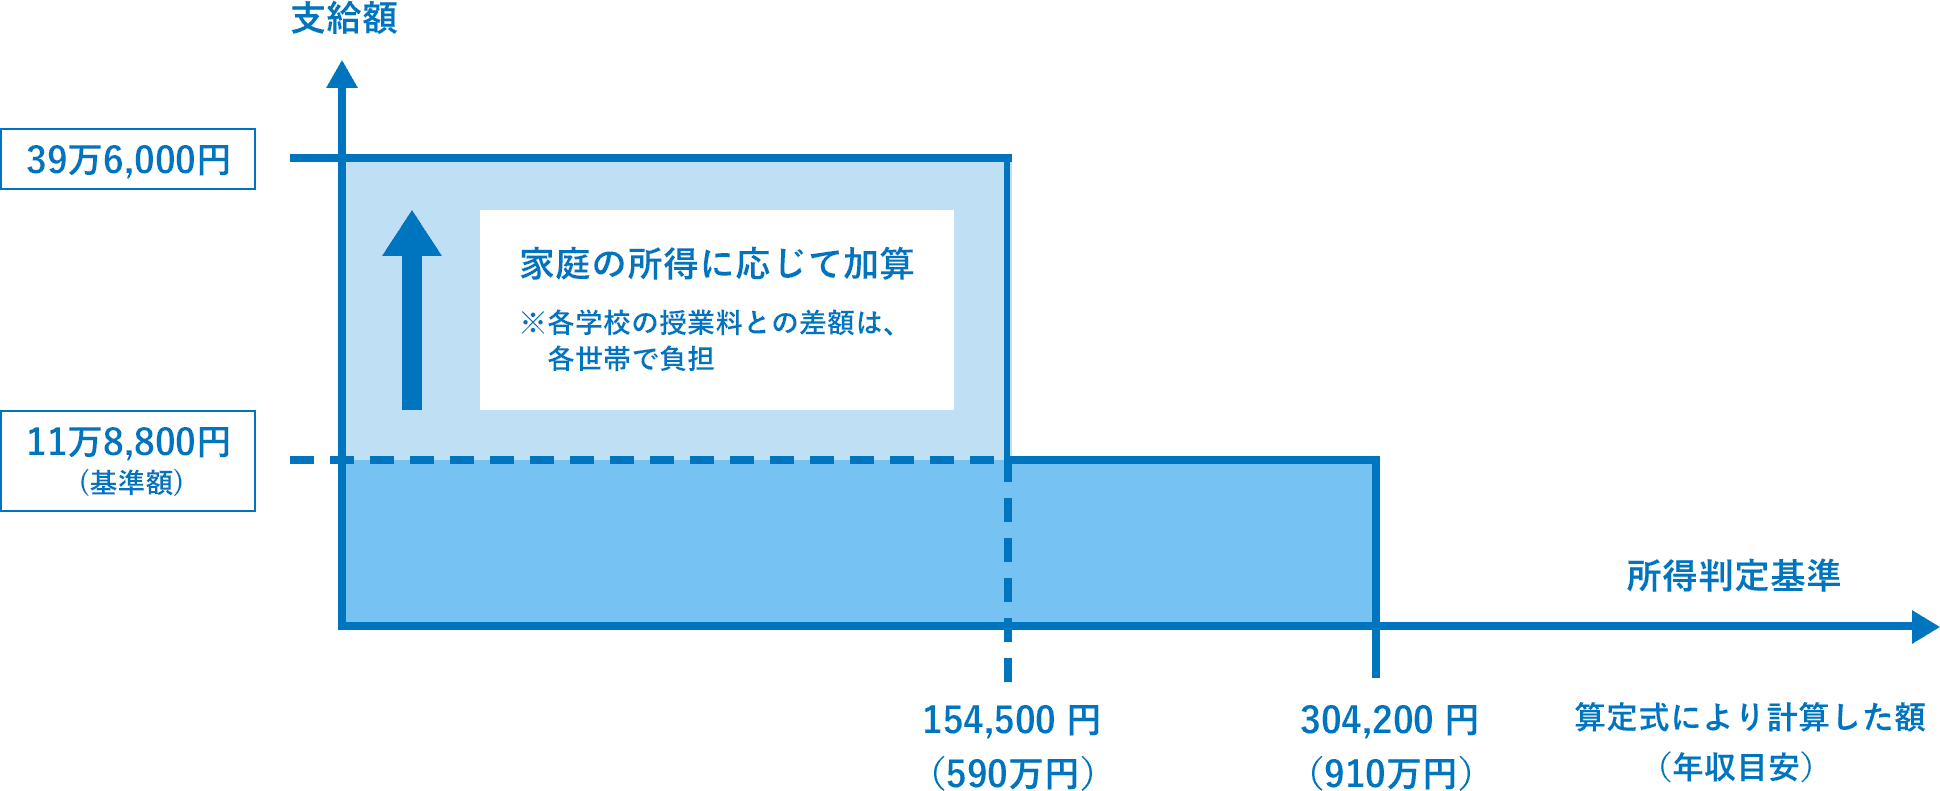 支給額のグラフ